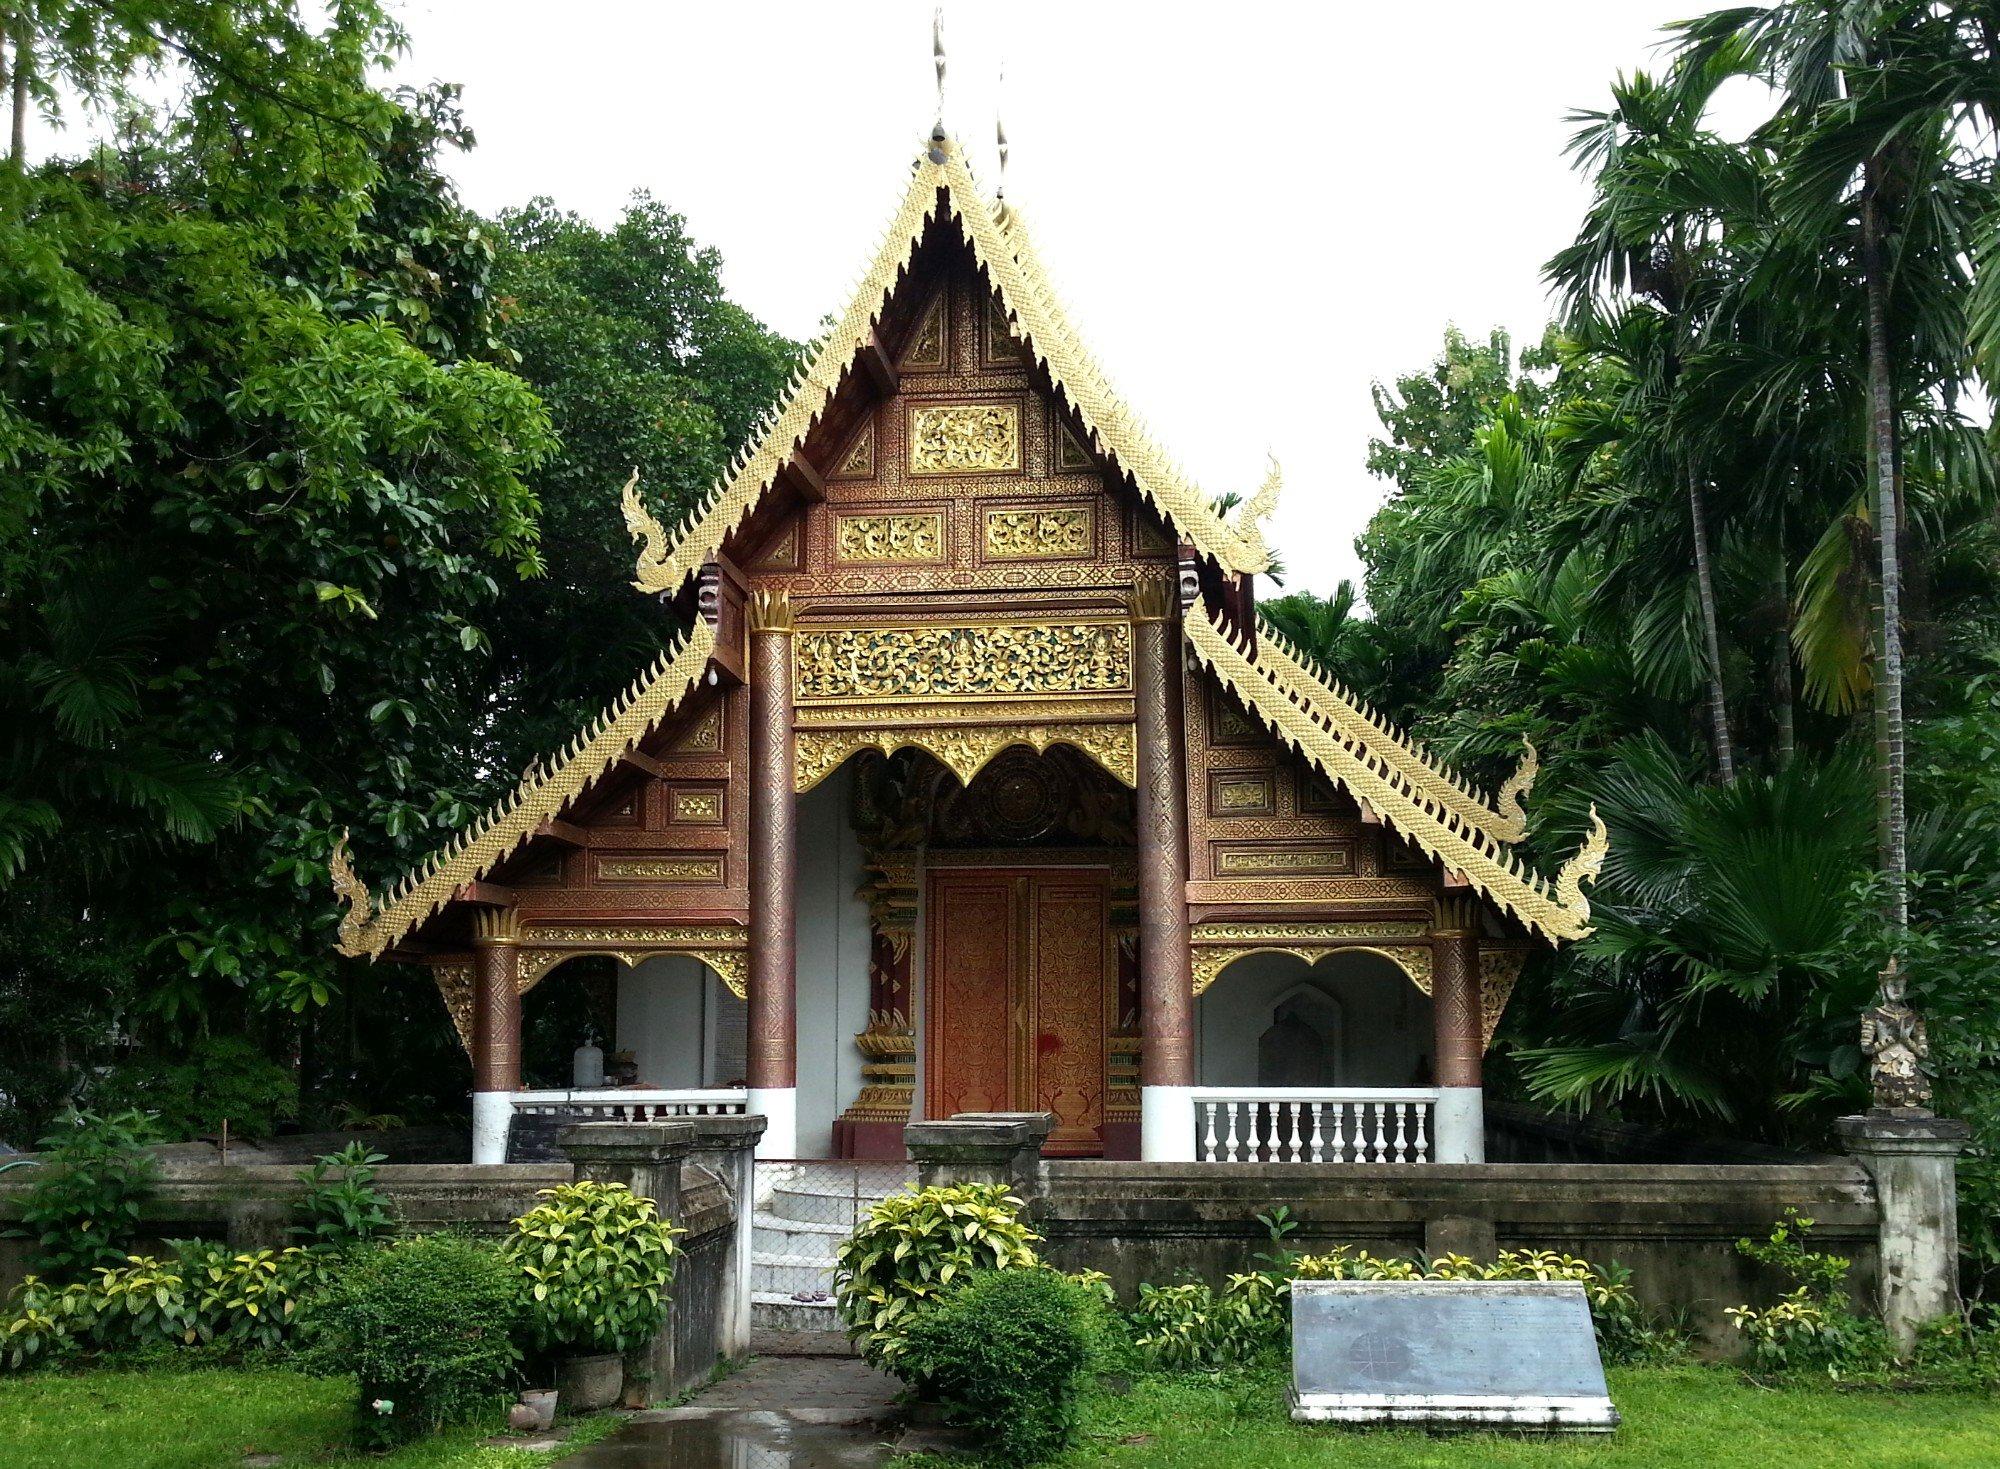 Ordination hall at Wat Chiang Man